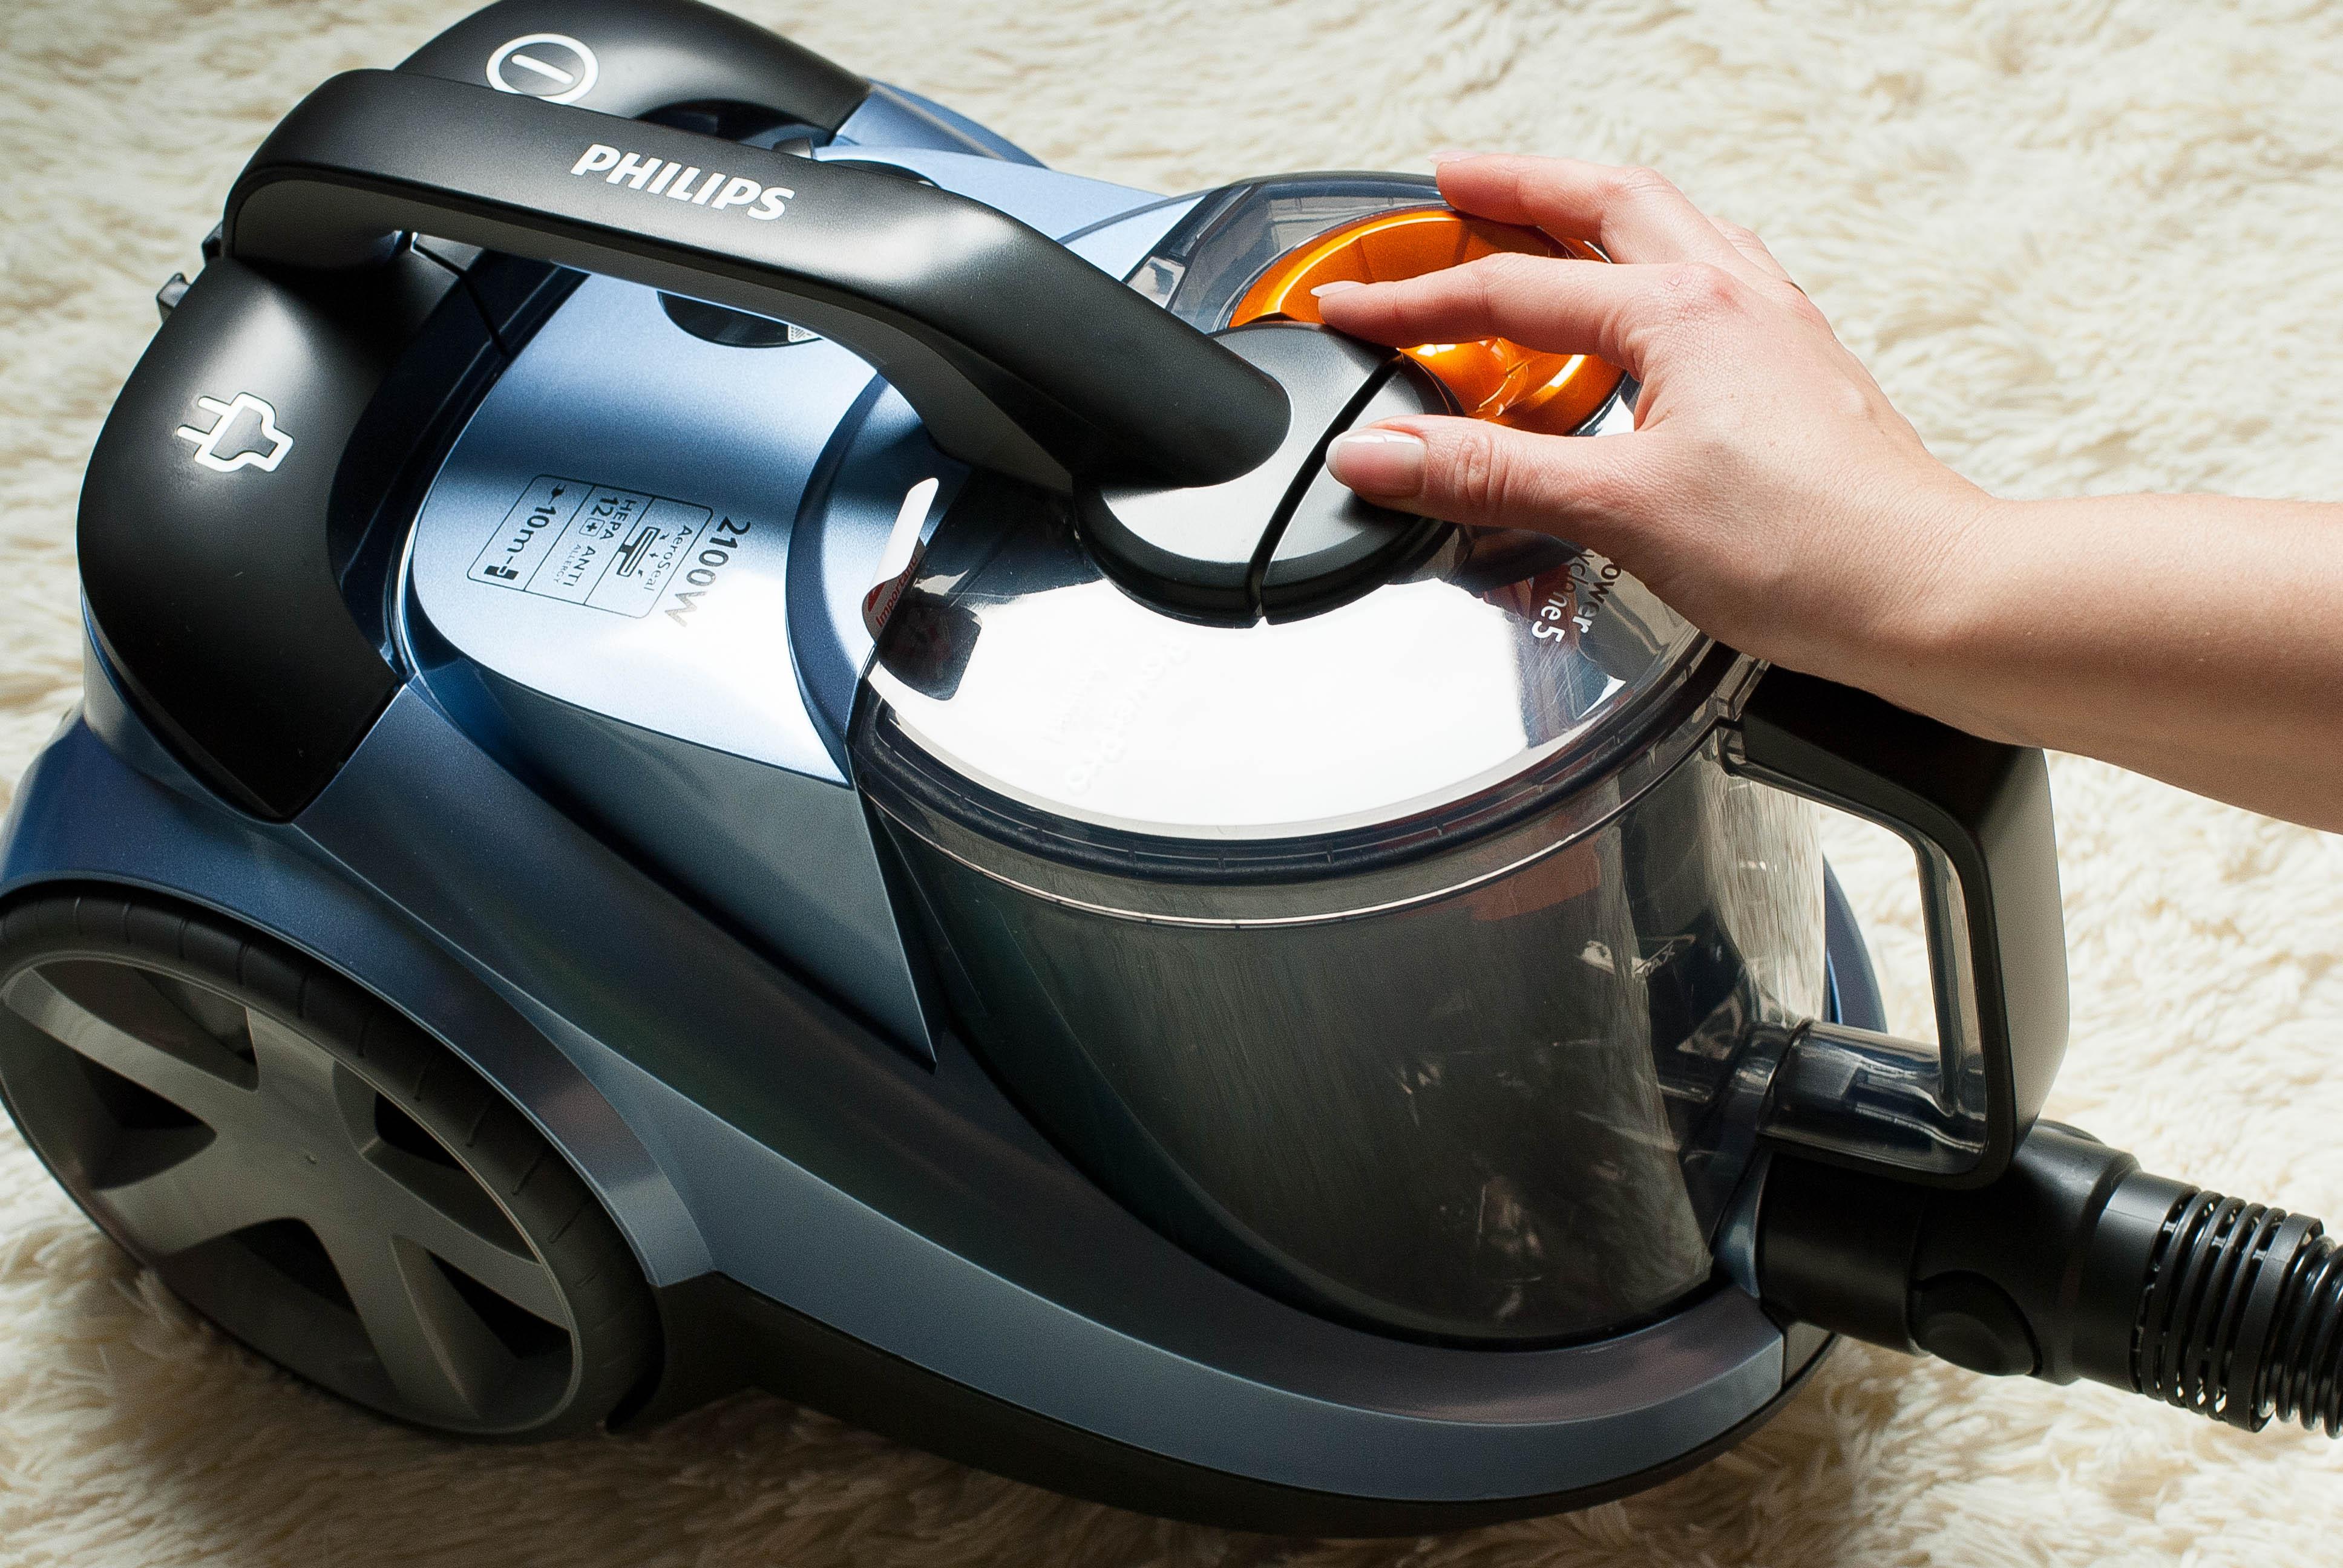 Фильтр для пылесоса: особенности поролоновых фильтров тонкой очистки, характеристики моторного микрофильтра. какой фильтр лучше?